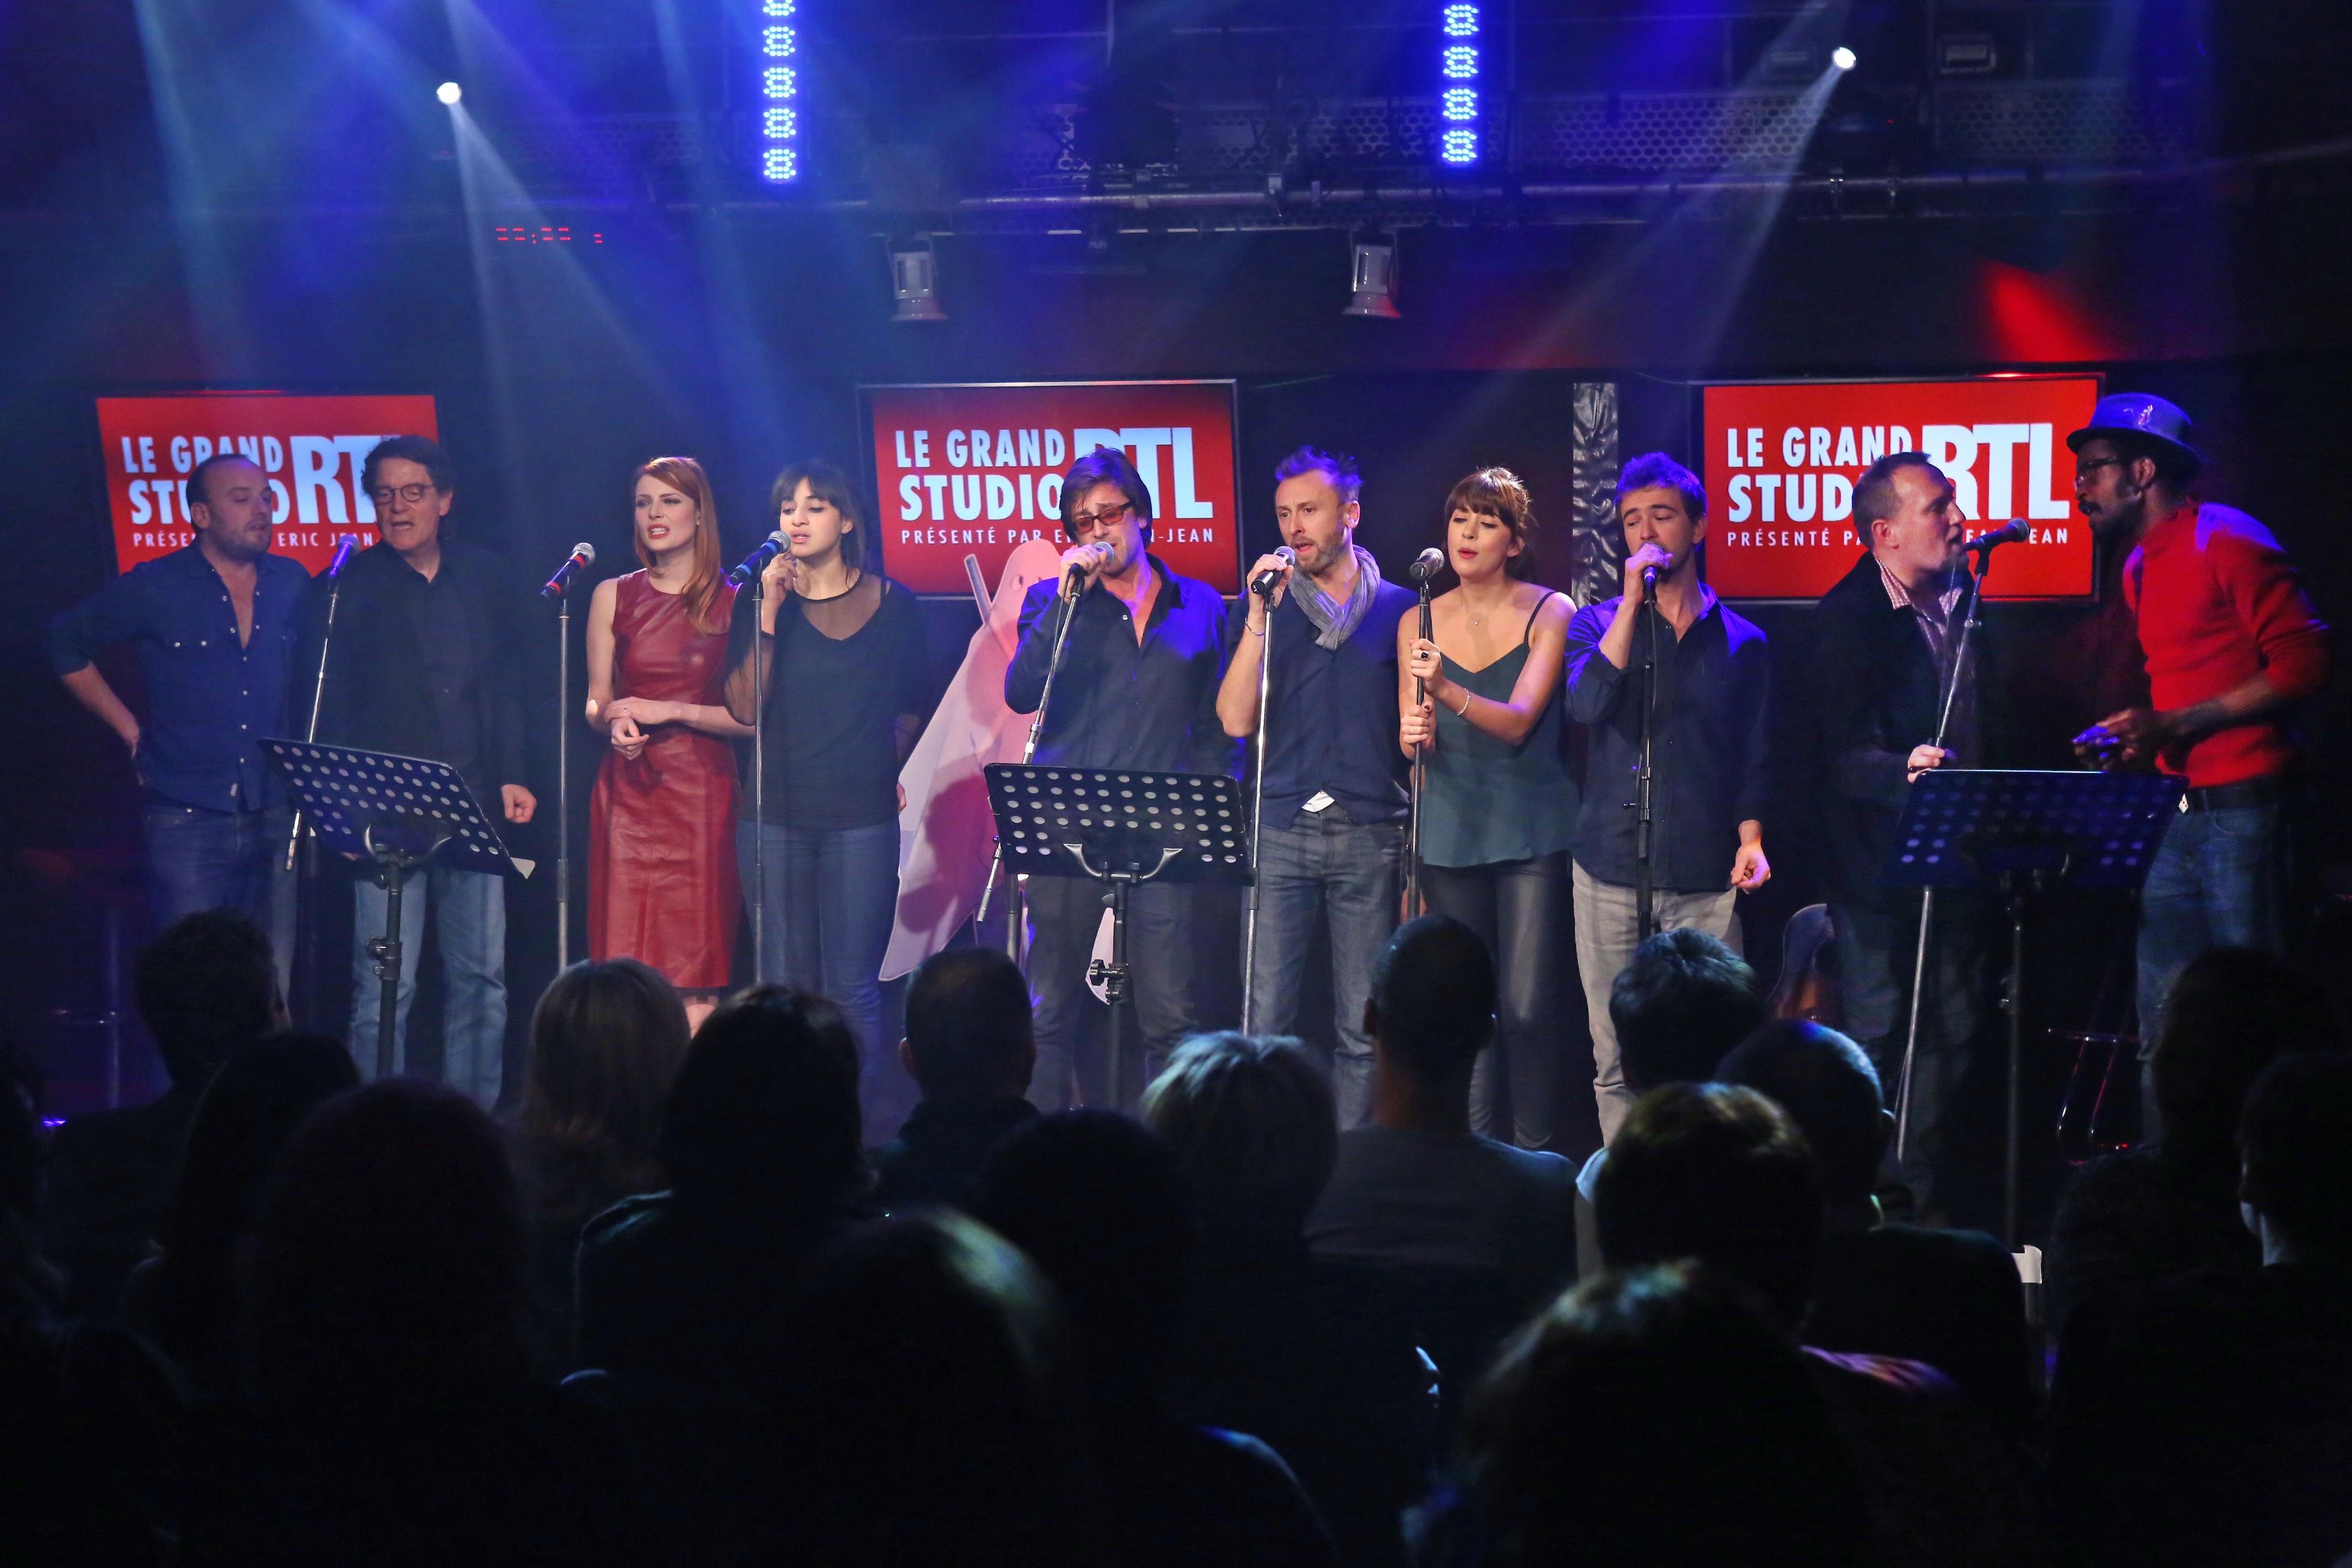 De Thomas Dutronc à Francis Cabrel dans Le Grand Studio RTL © Fred Bukajilo Abaca Press pour RTL